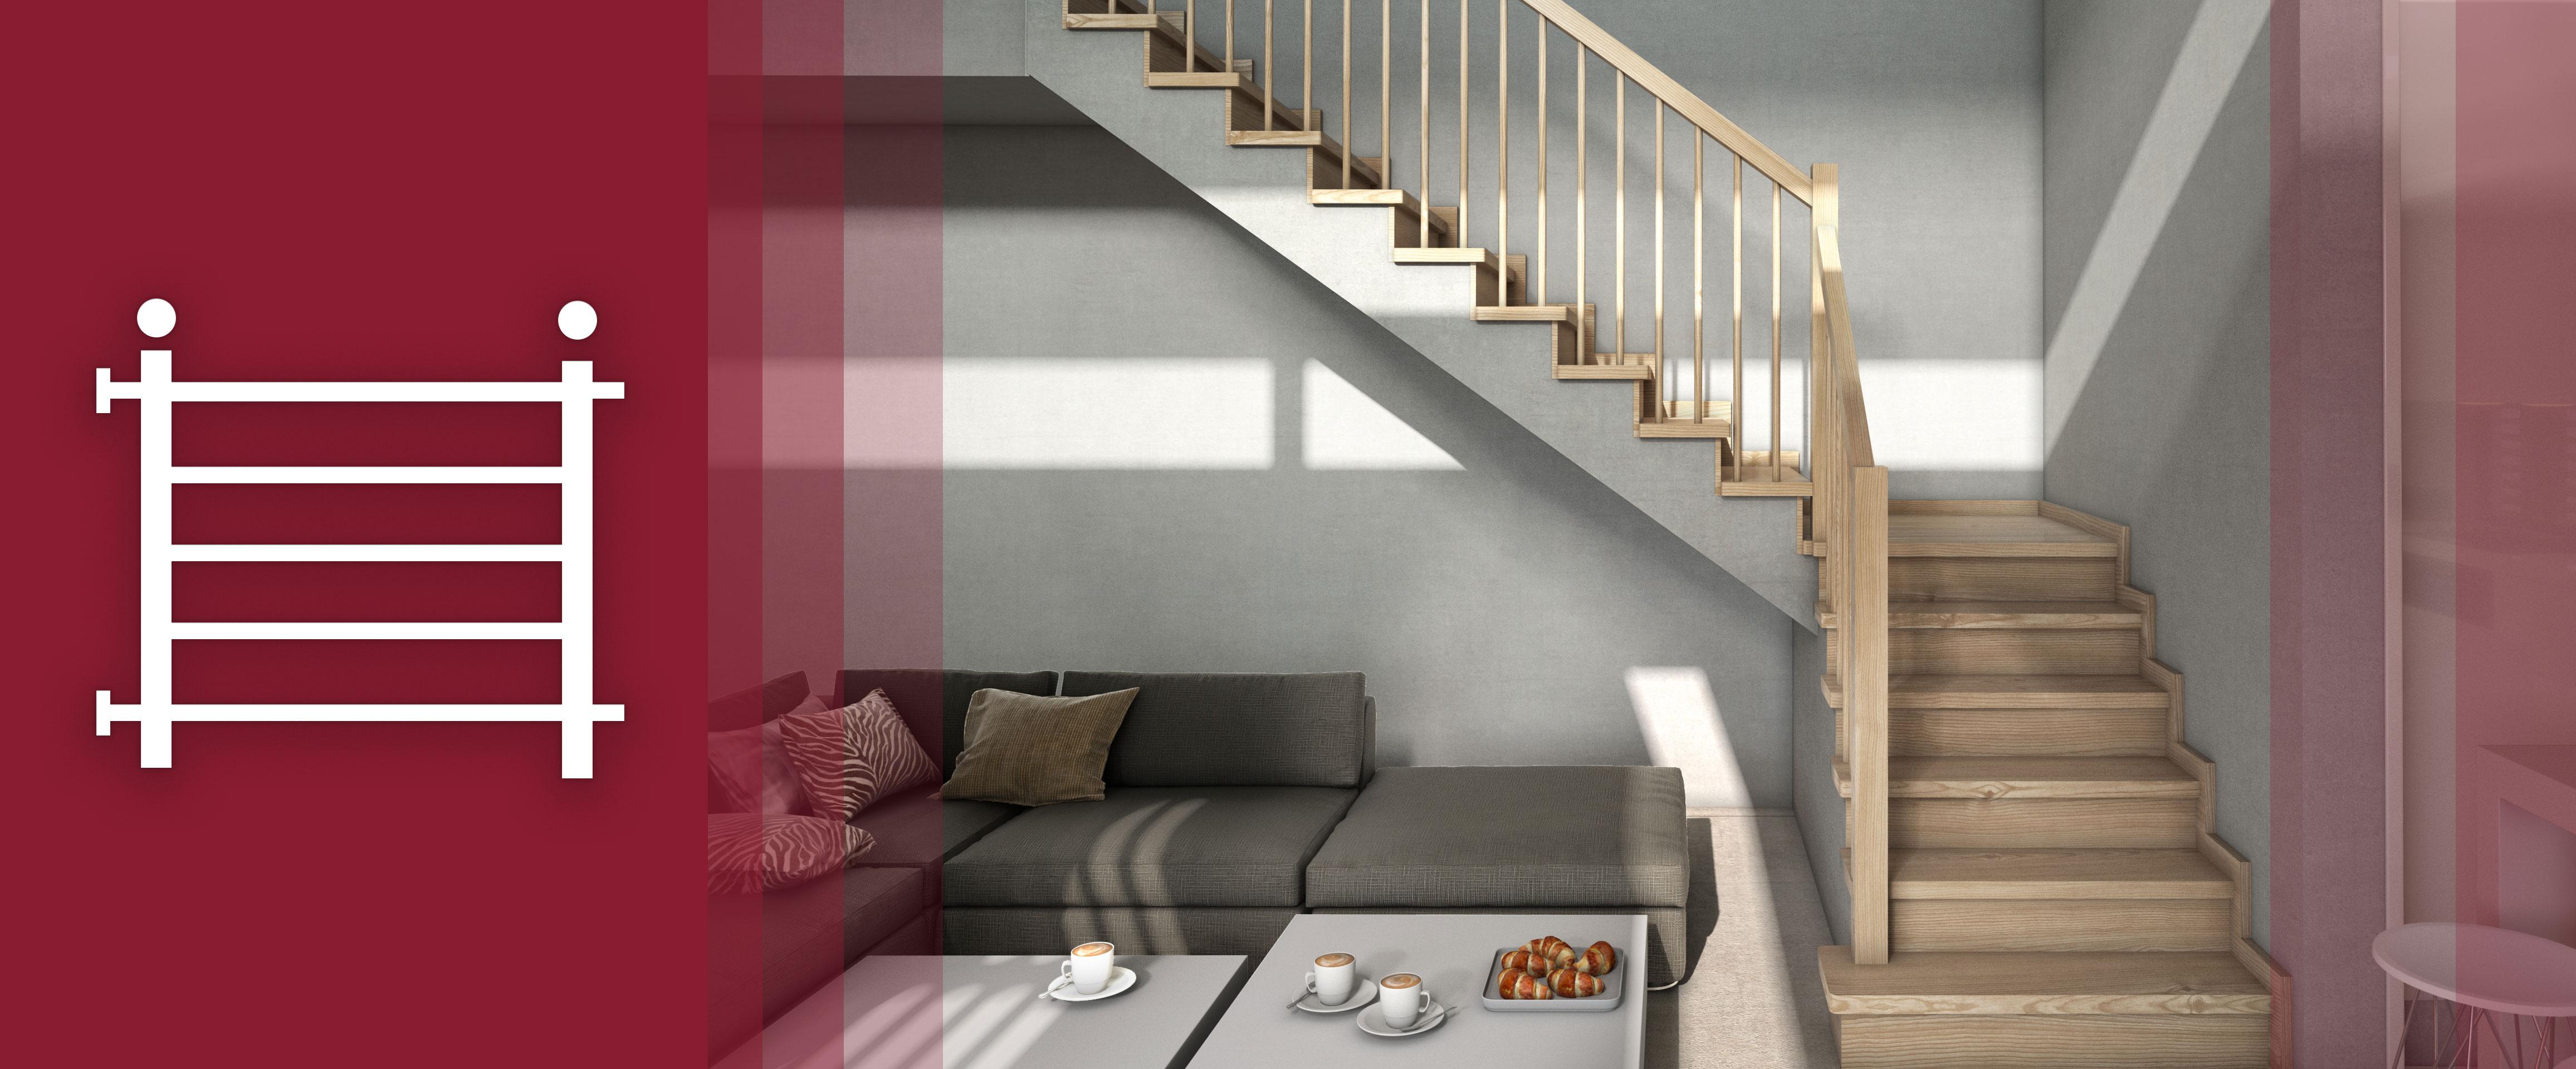 Które schody są najbezpieczniejsze dla dzieci i osób starszych?